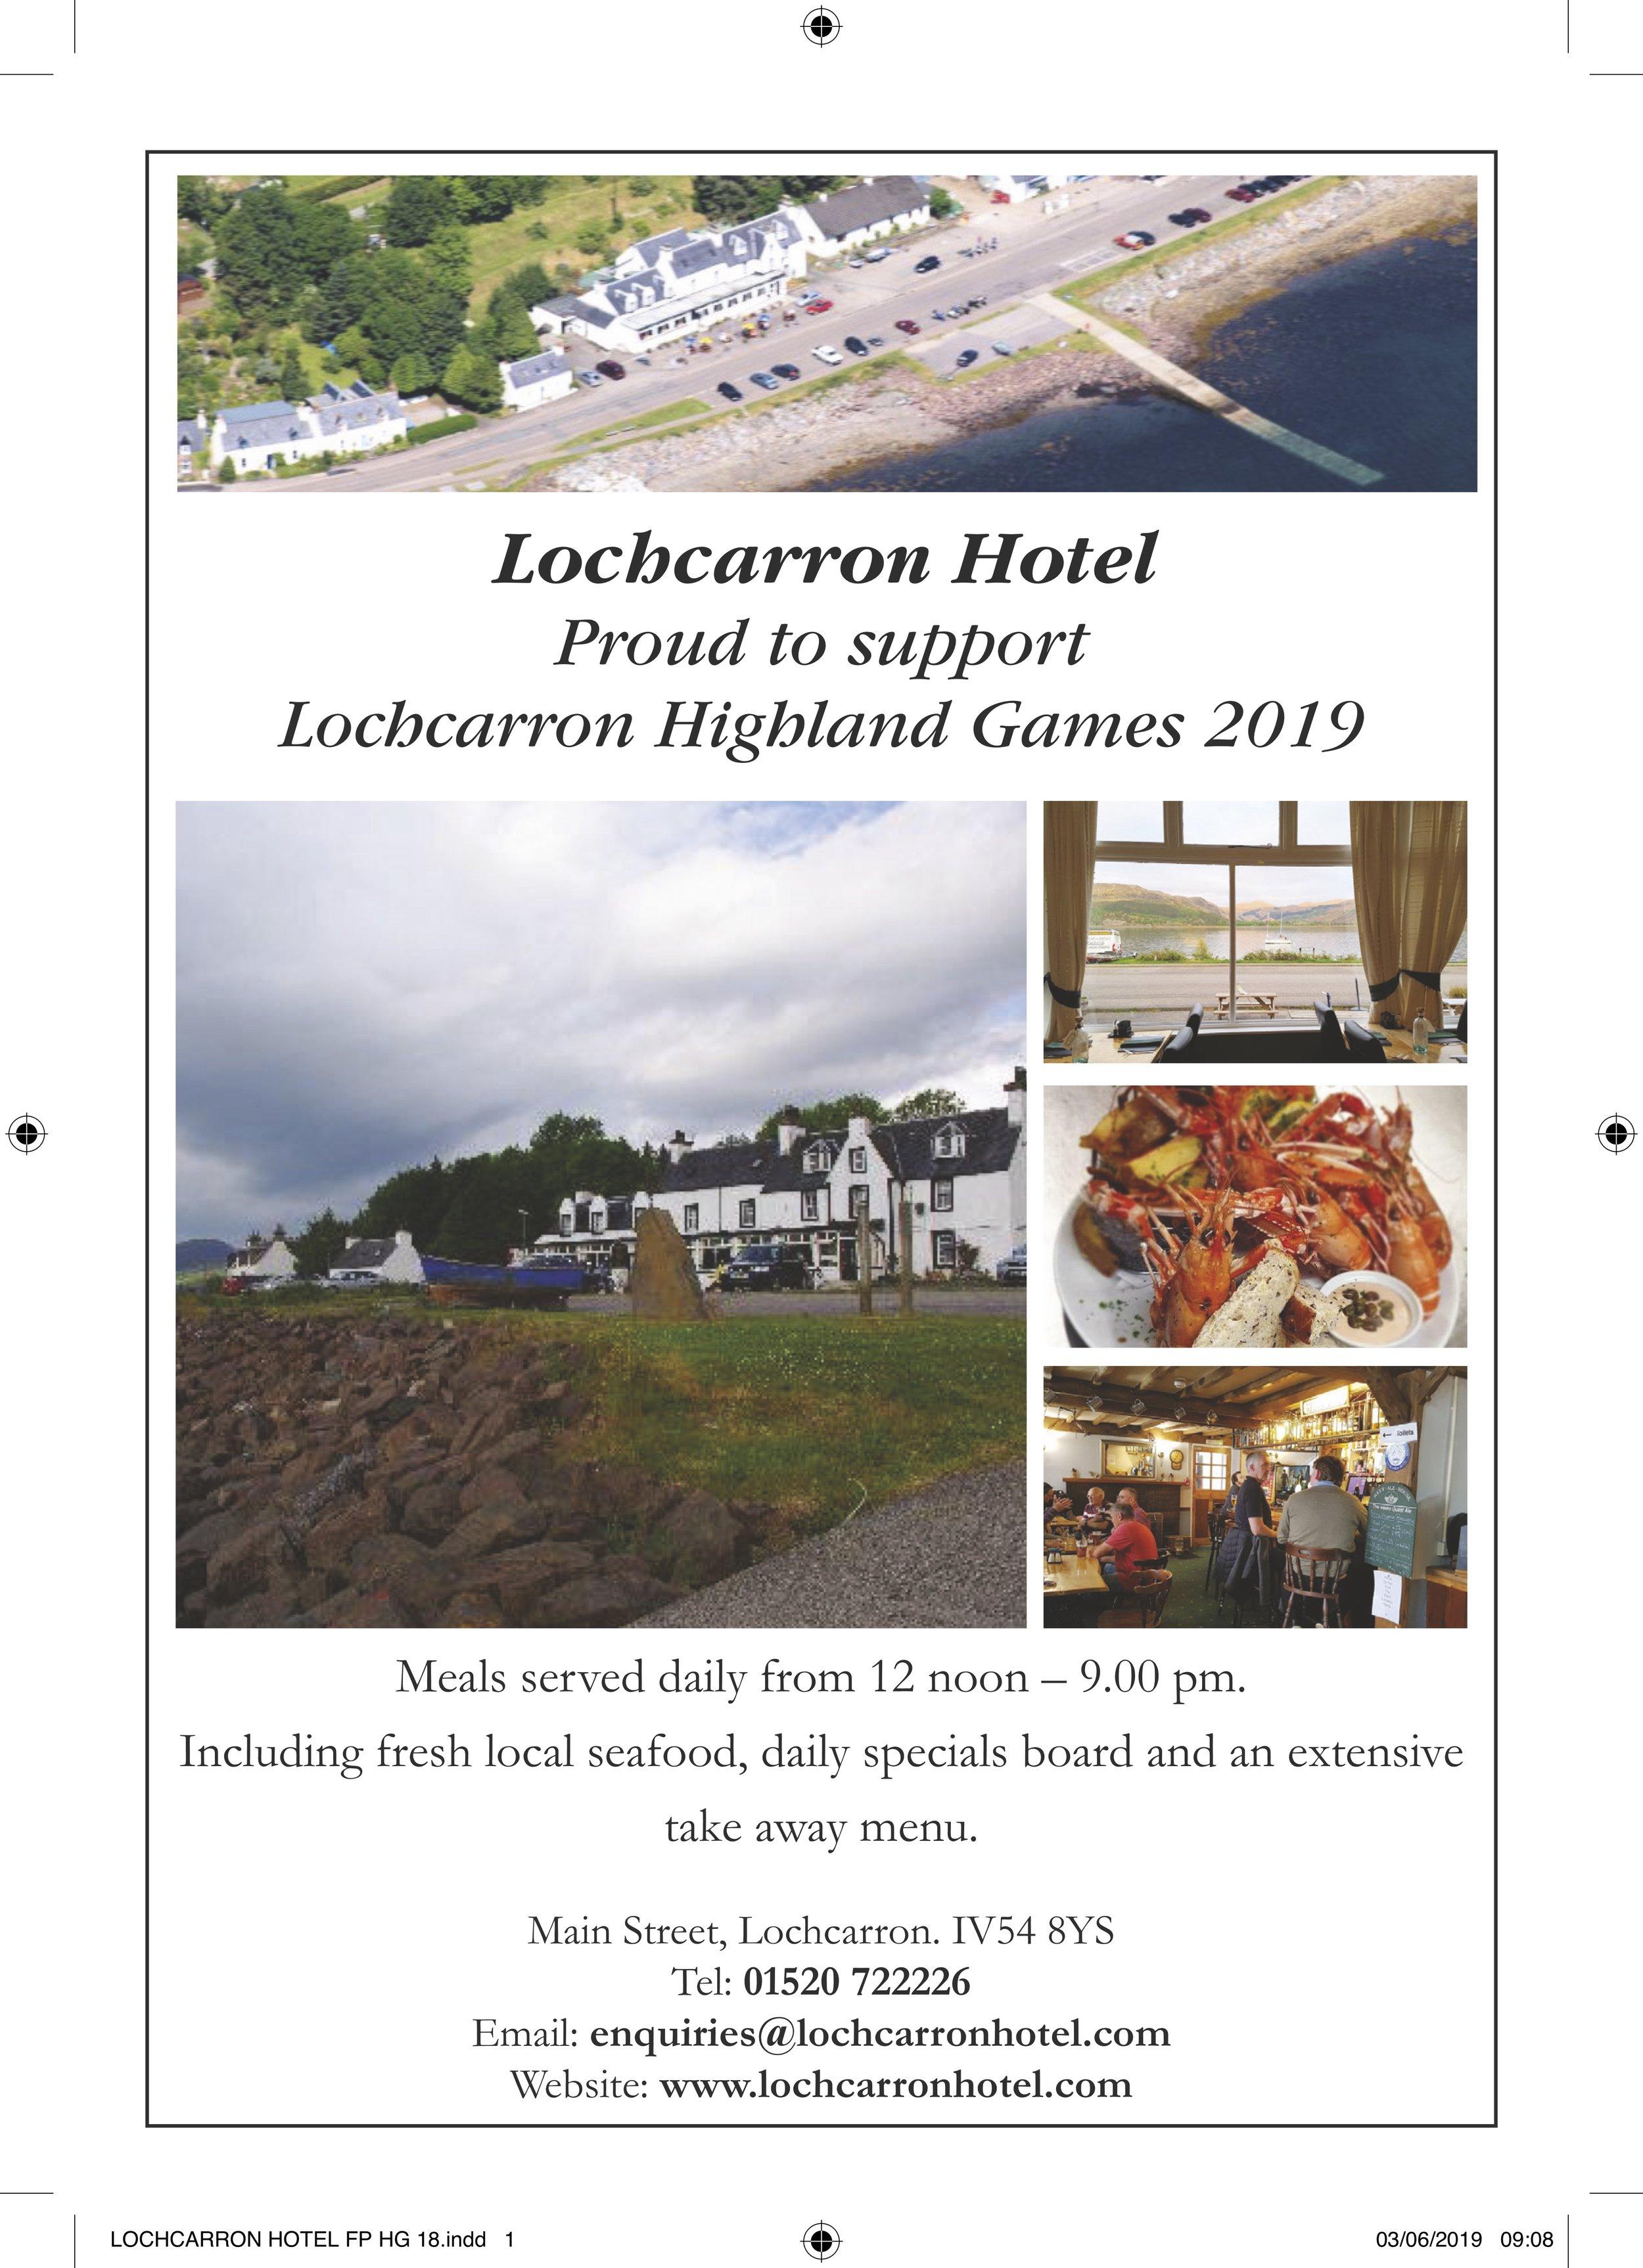 LOCHCARRON HOTEL FP HG 19.jpg